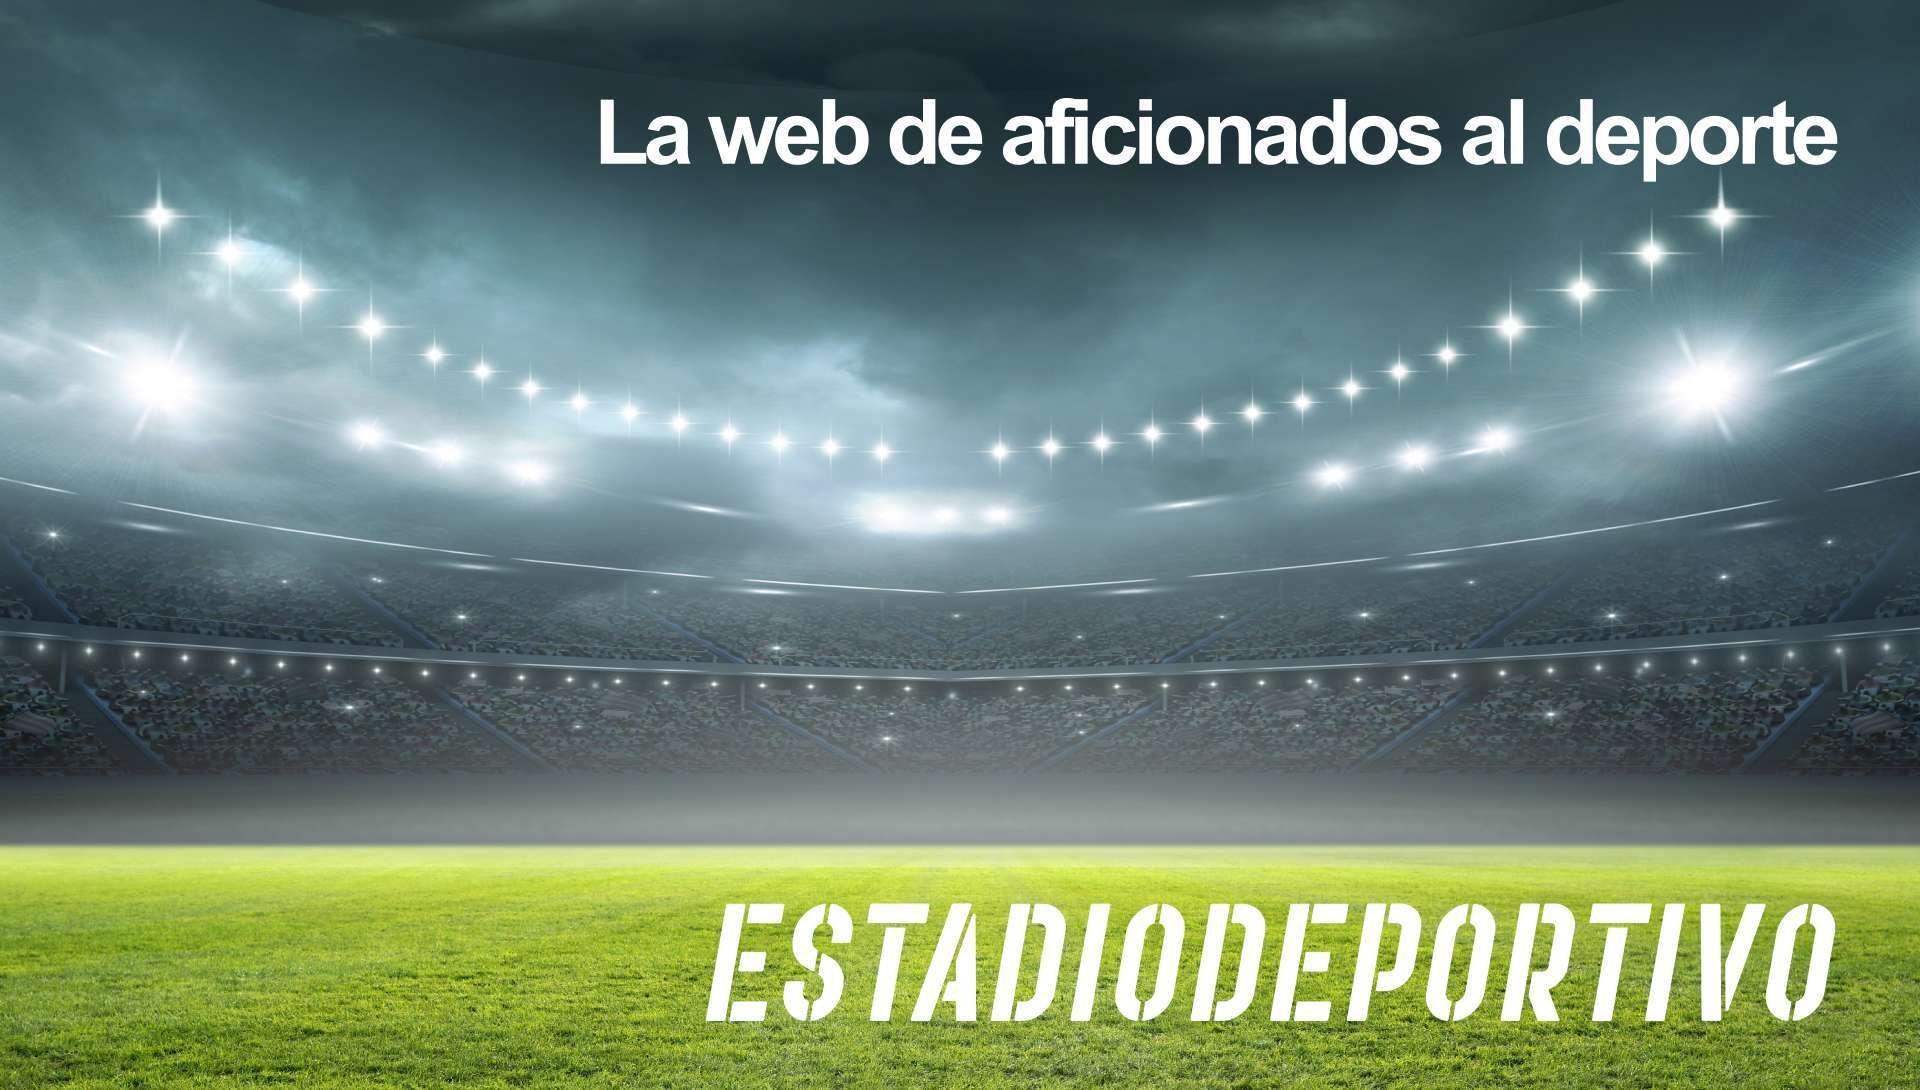 Los mejores estrenos de mayo en Netflix, HBO, Amazon, Movistar+...